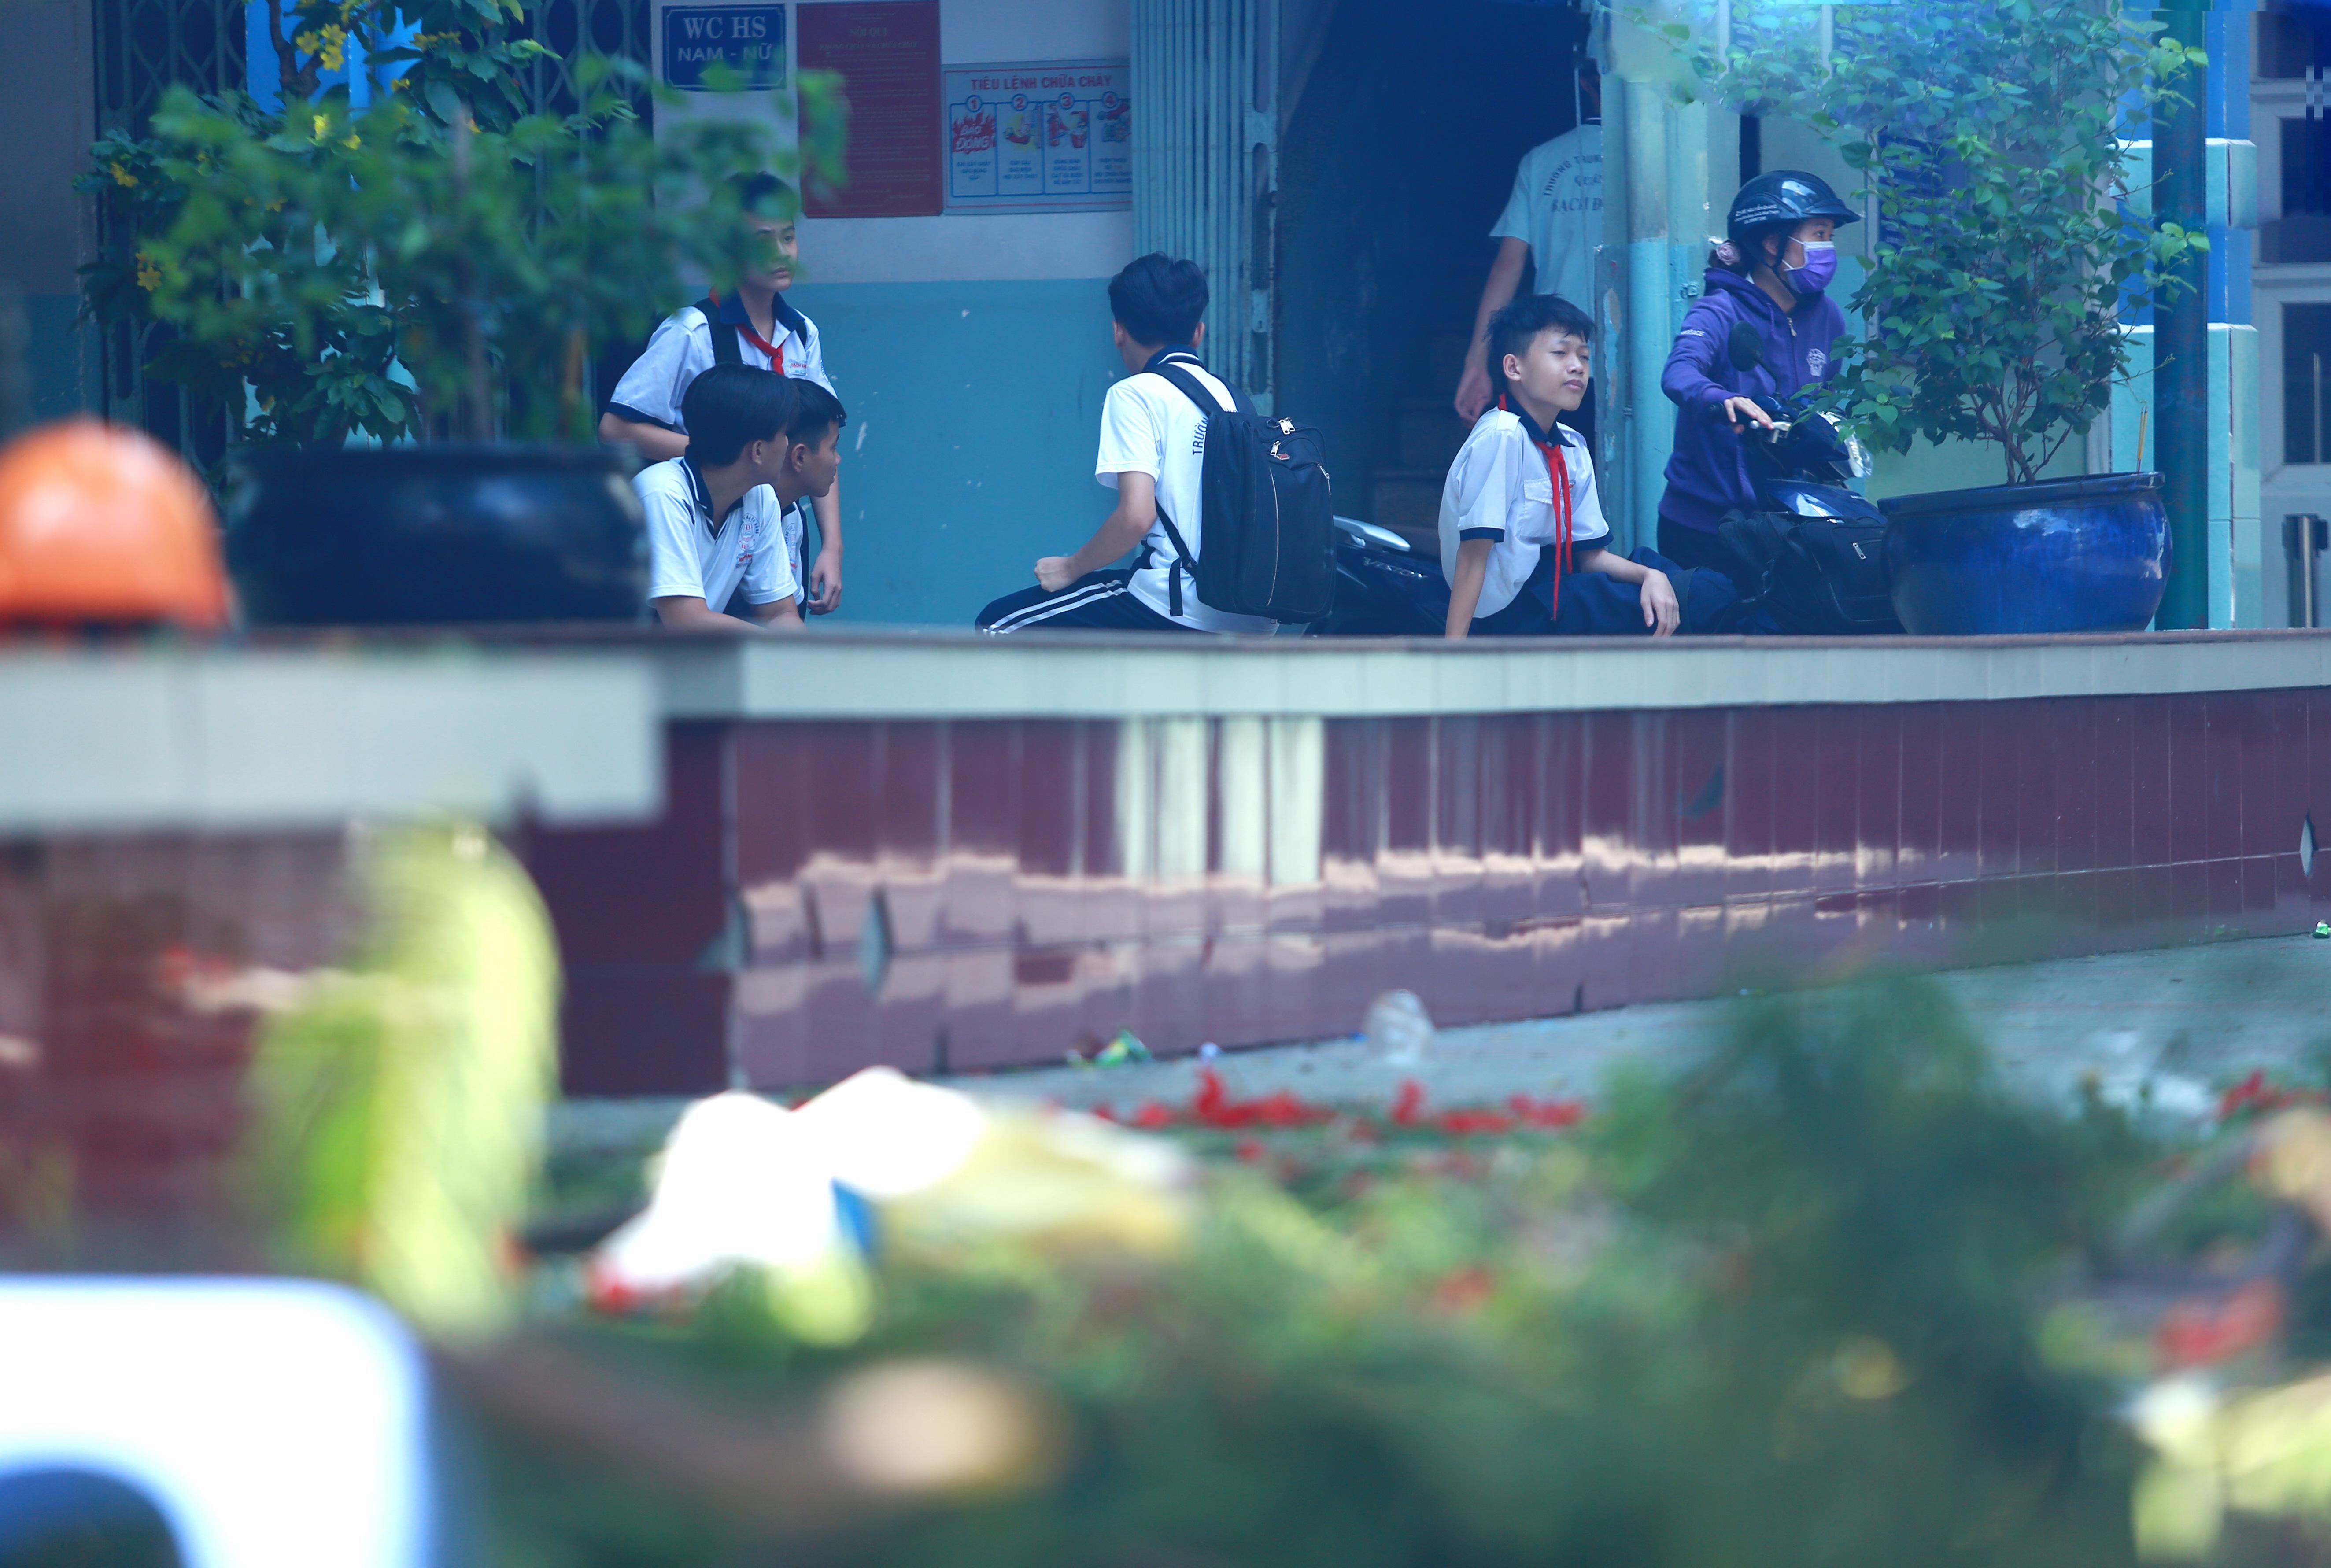 Cận cảnh gốc phượng vĩ mục ruỗng đổ gãy đè 13 học sinh thương vong ở Sài Gòn - Ảnh 12.